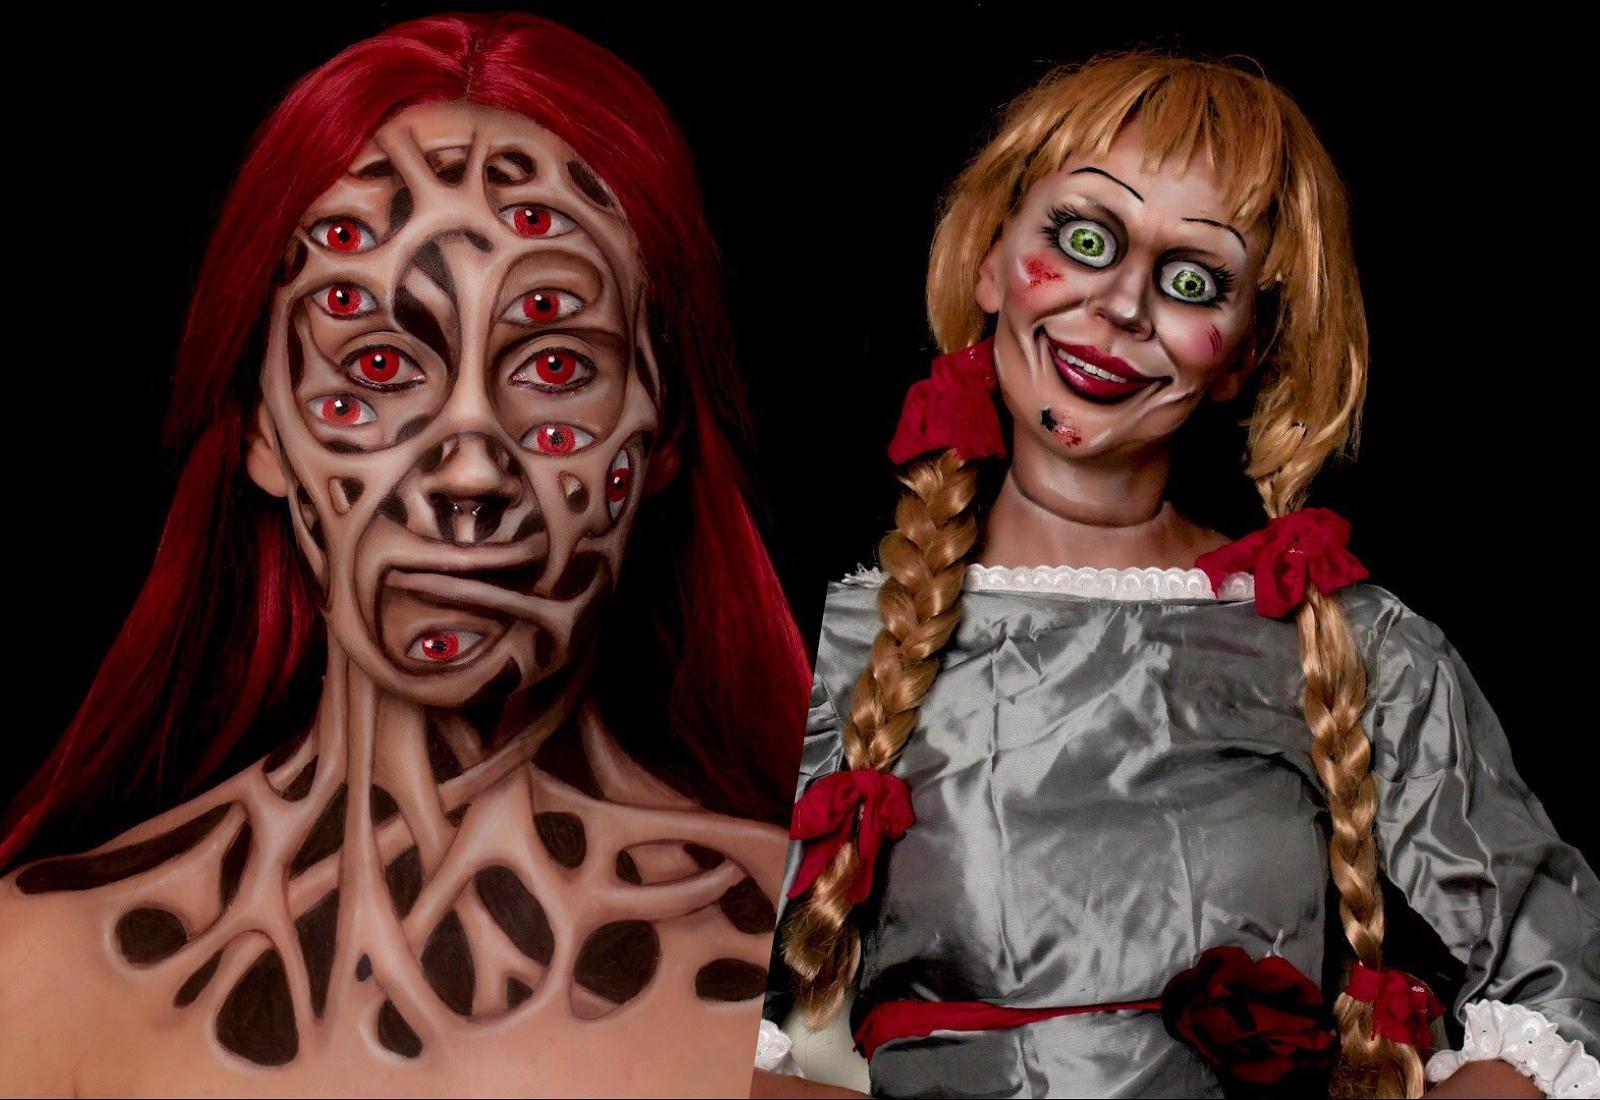 10 ужасающих оптических иллюзий, созданных с помощью косметички и таланта одной девушки из Сербии